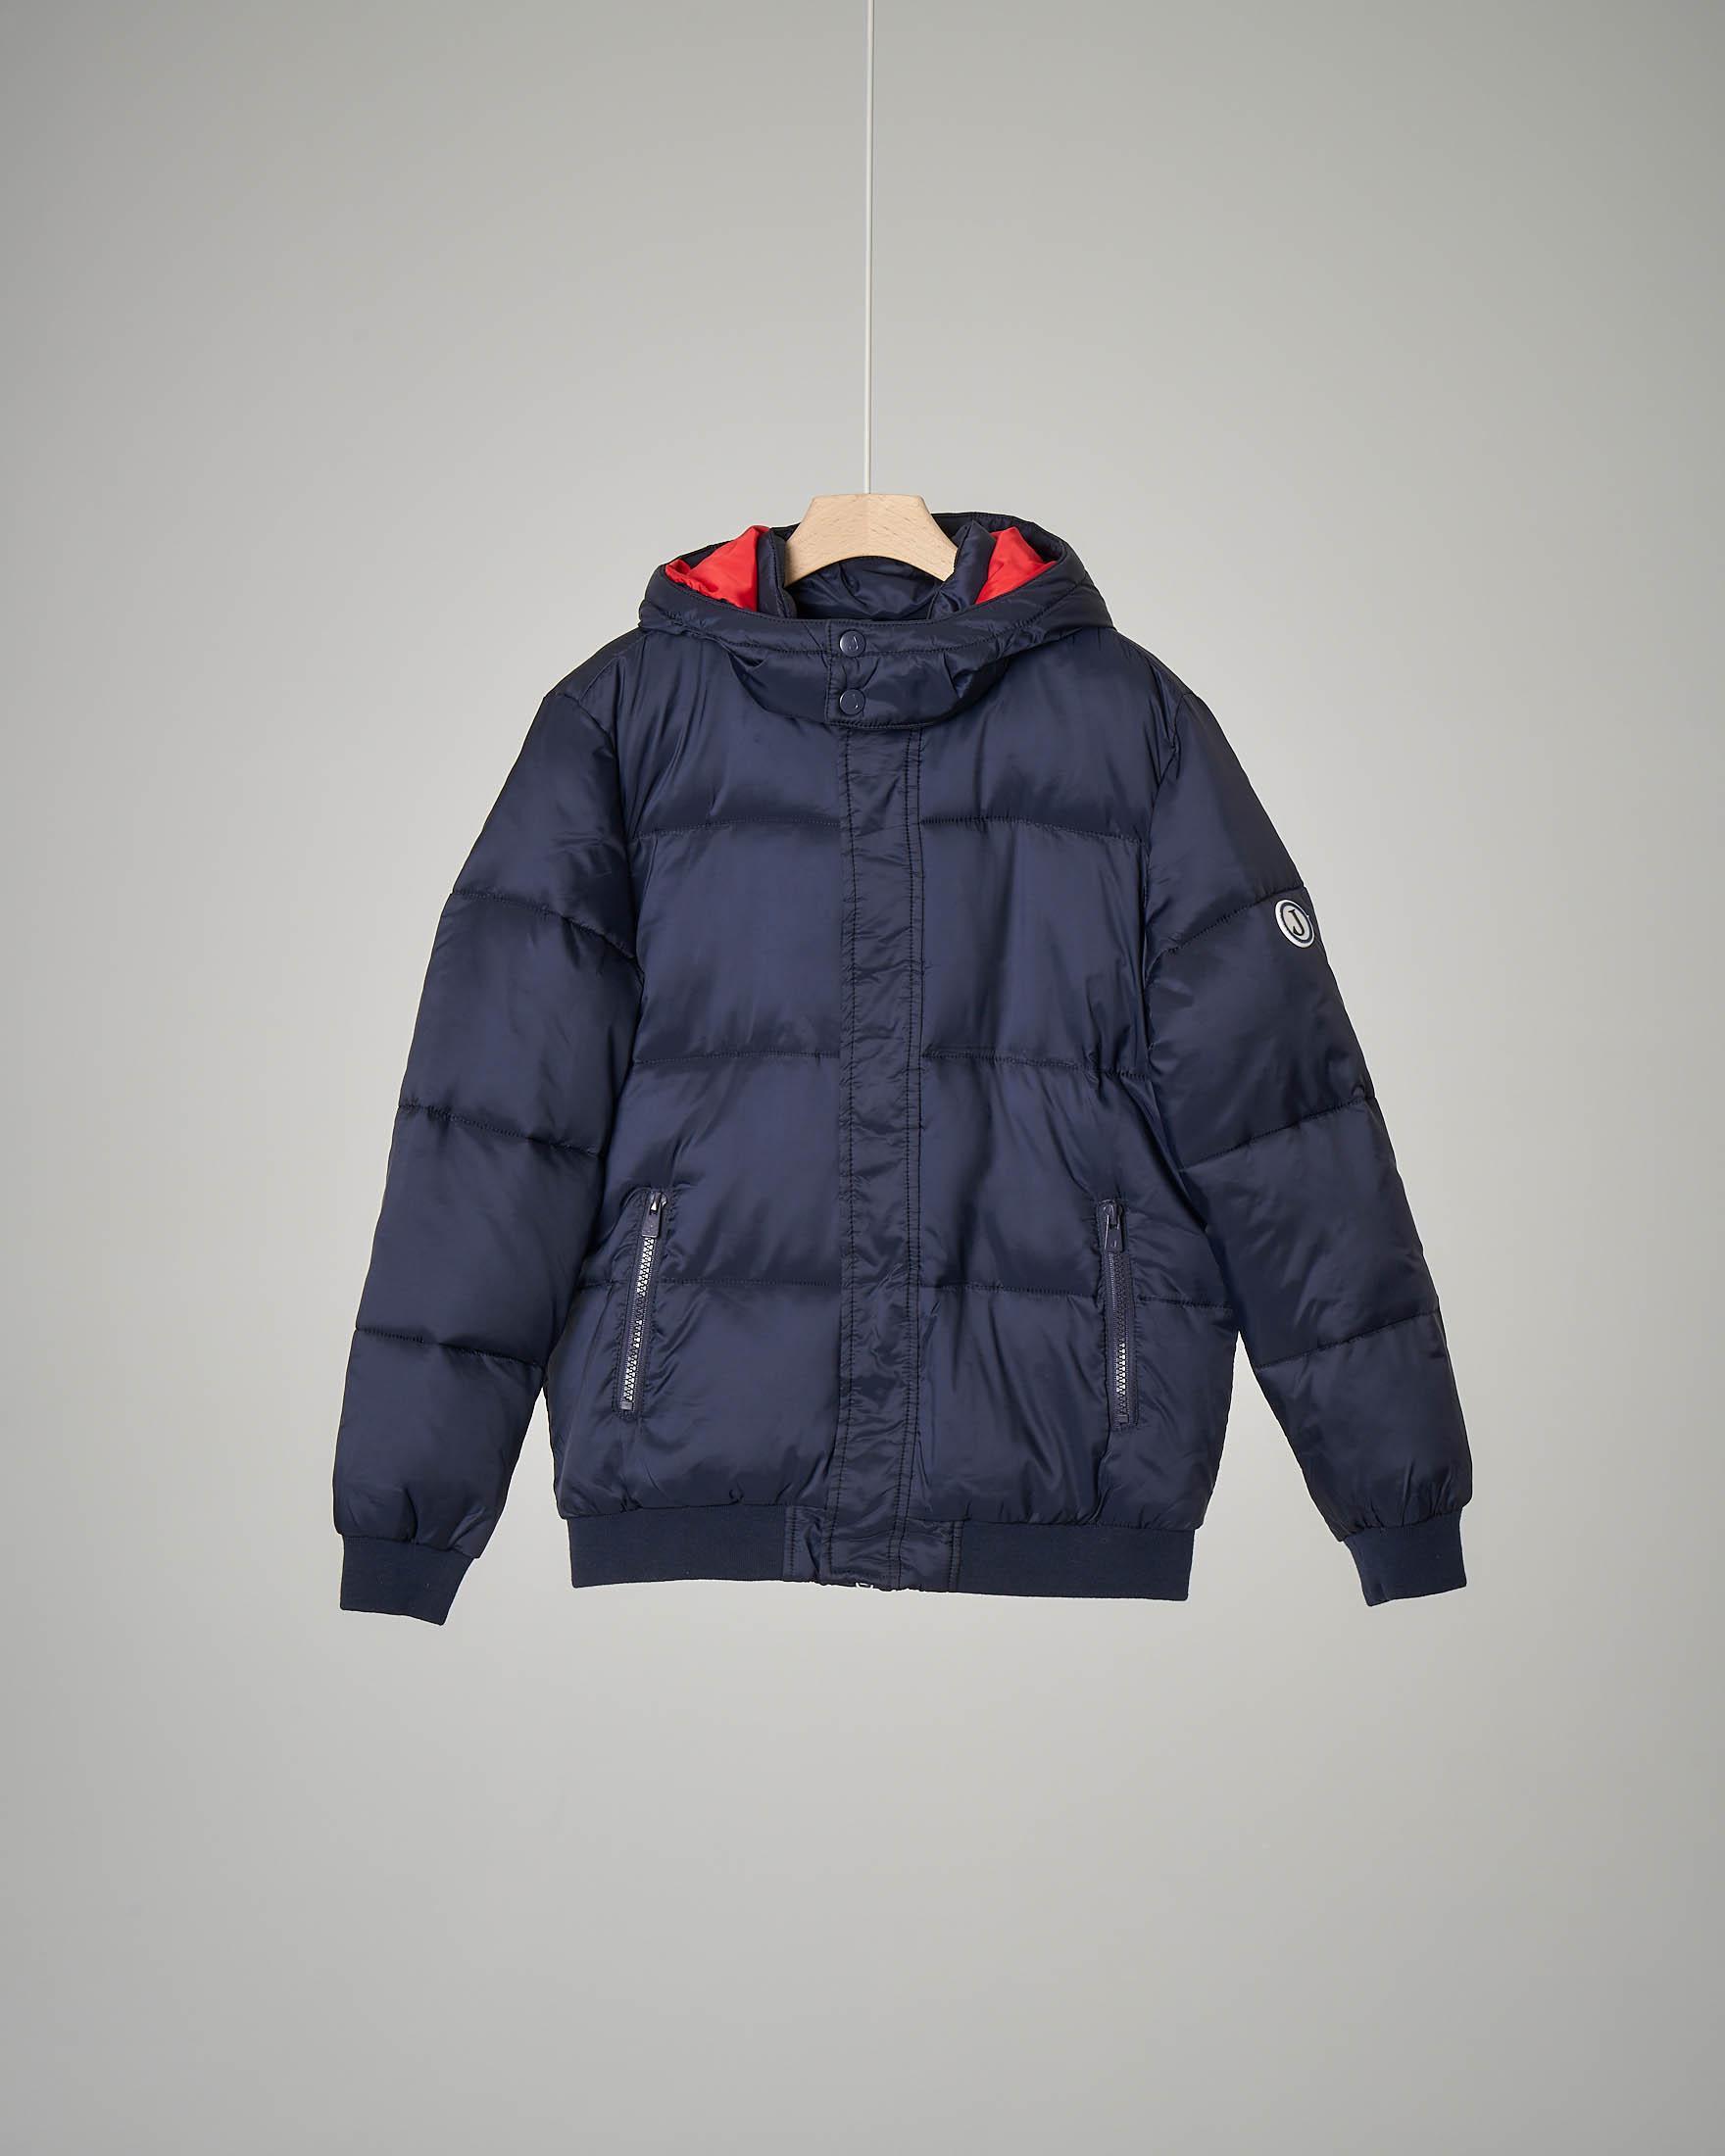 5401381884 Piumino bomber blu con cappuccio | Pellizzari E-commerce